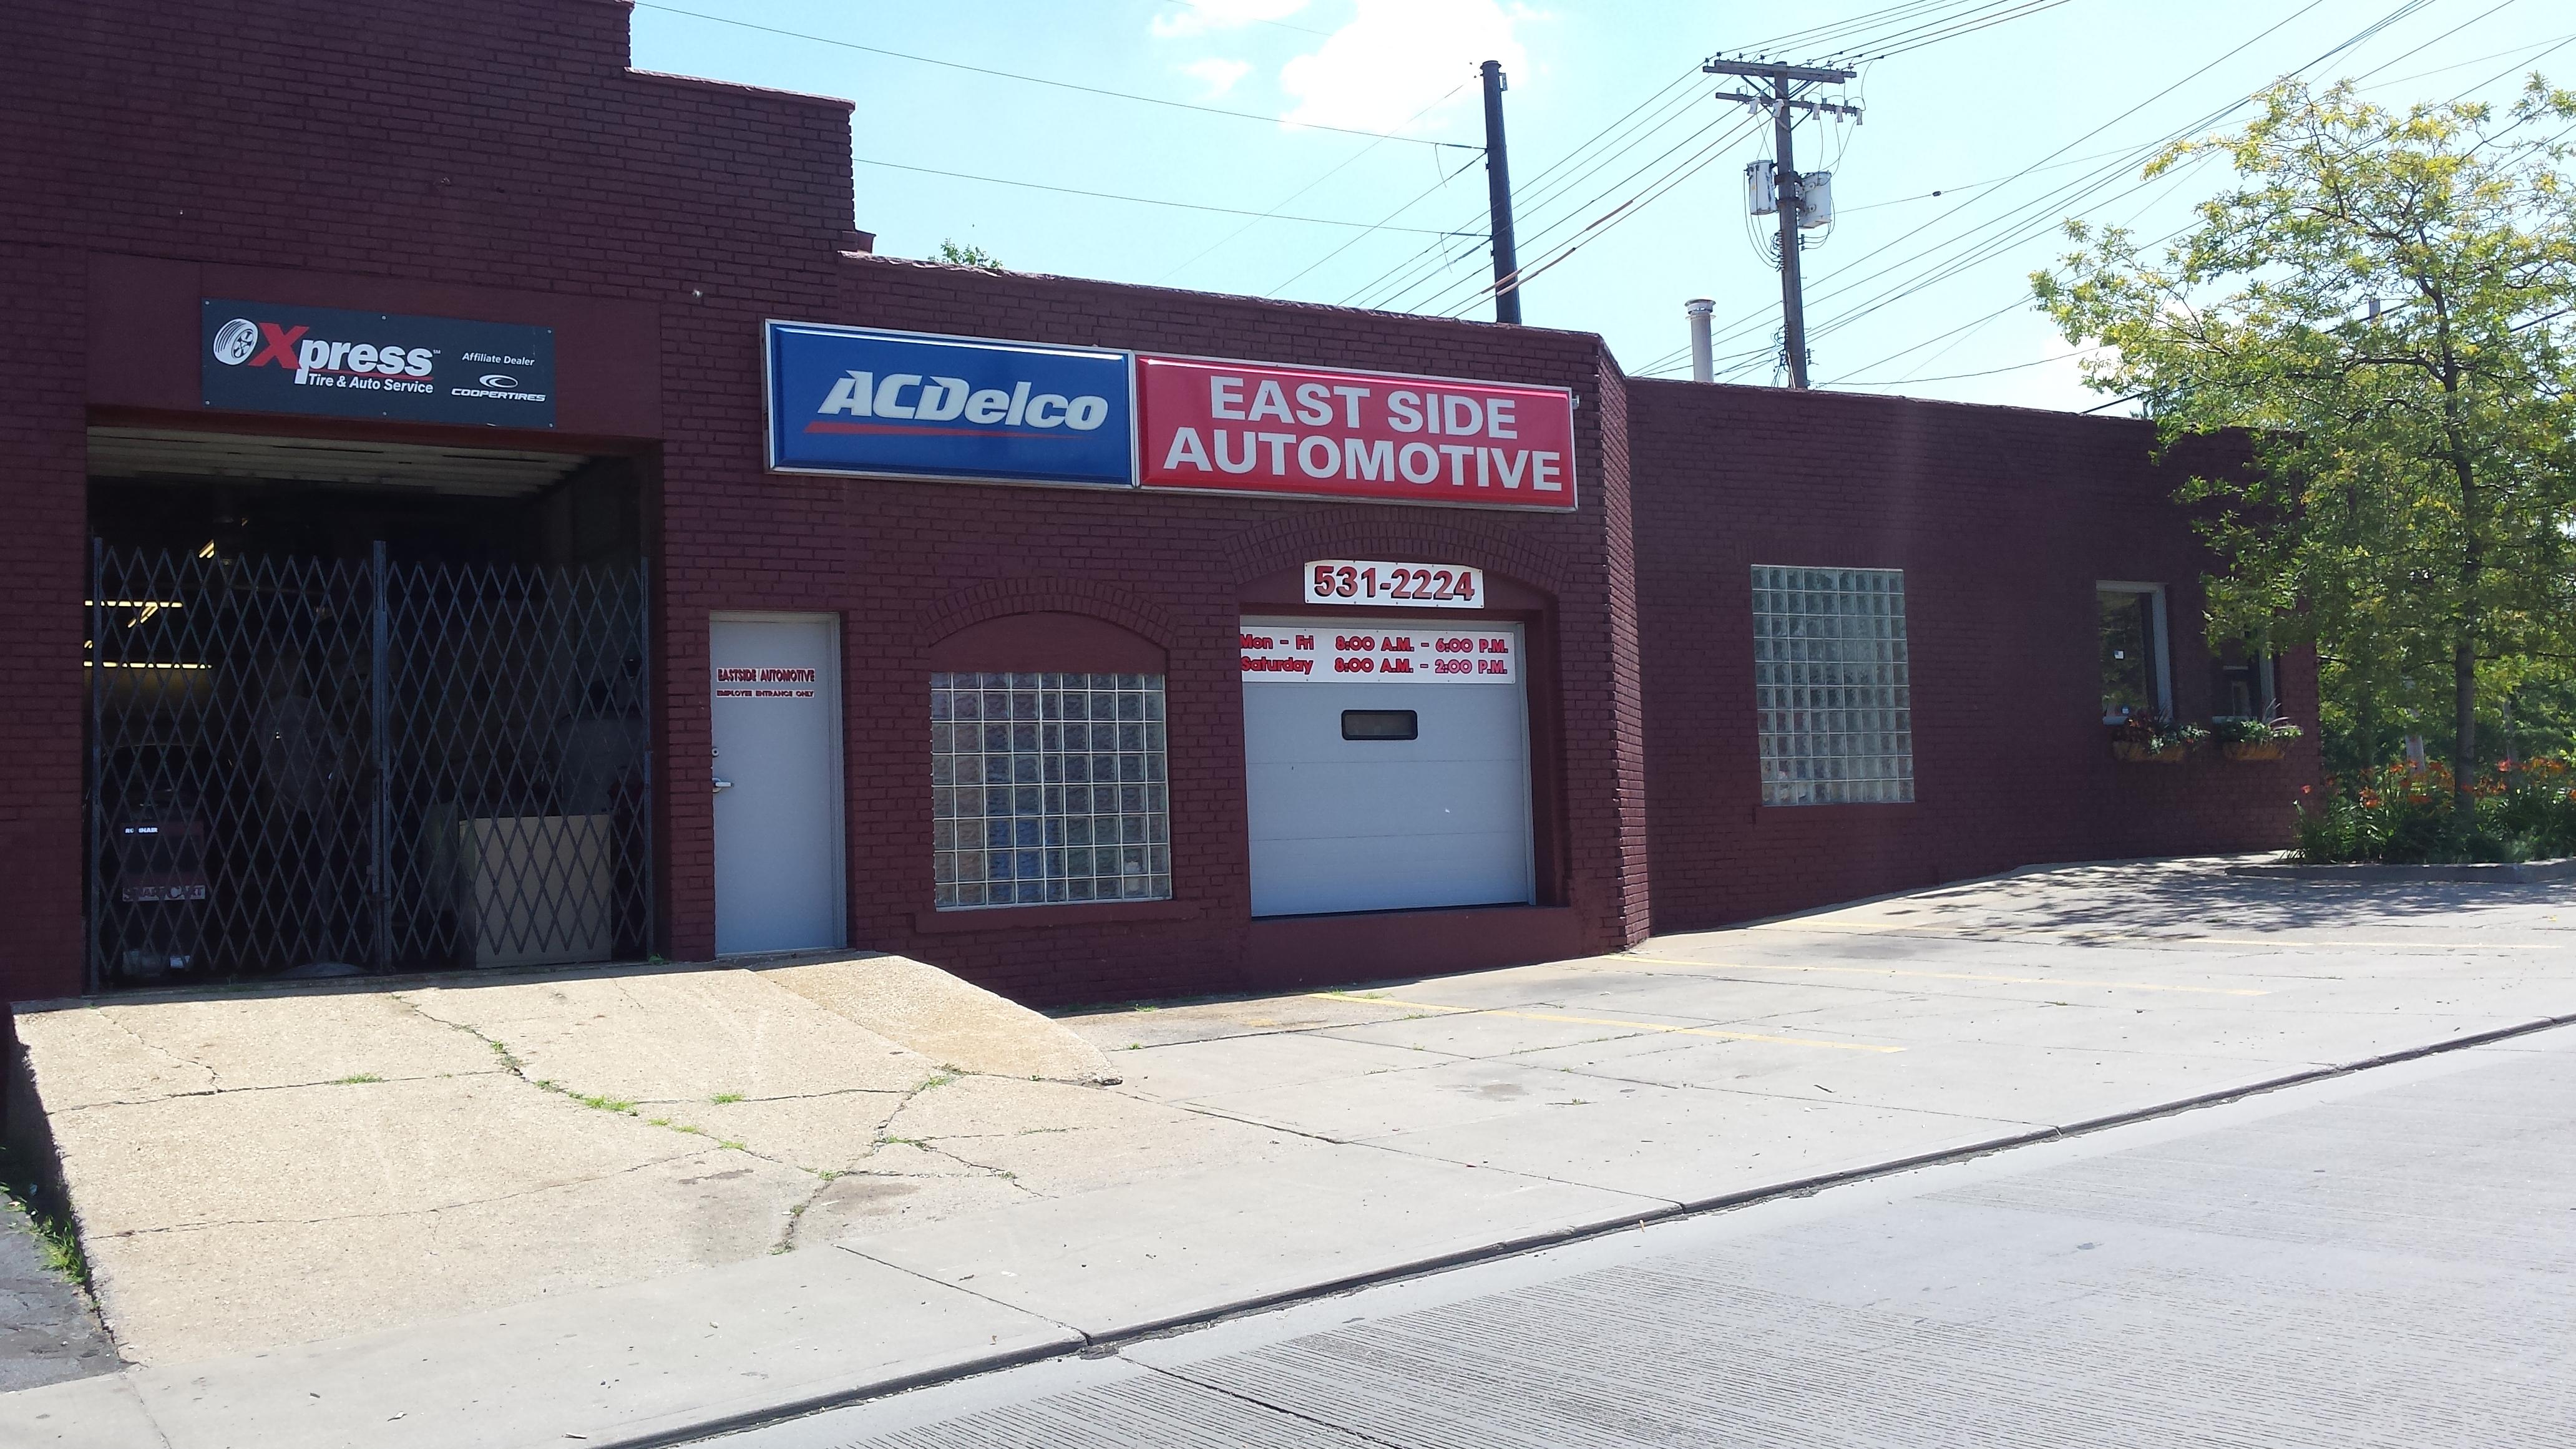 East Side Automotive